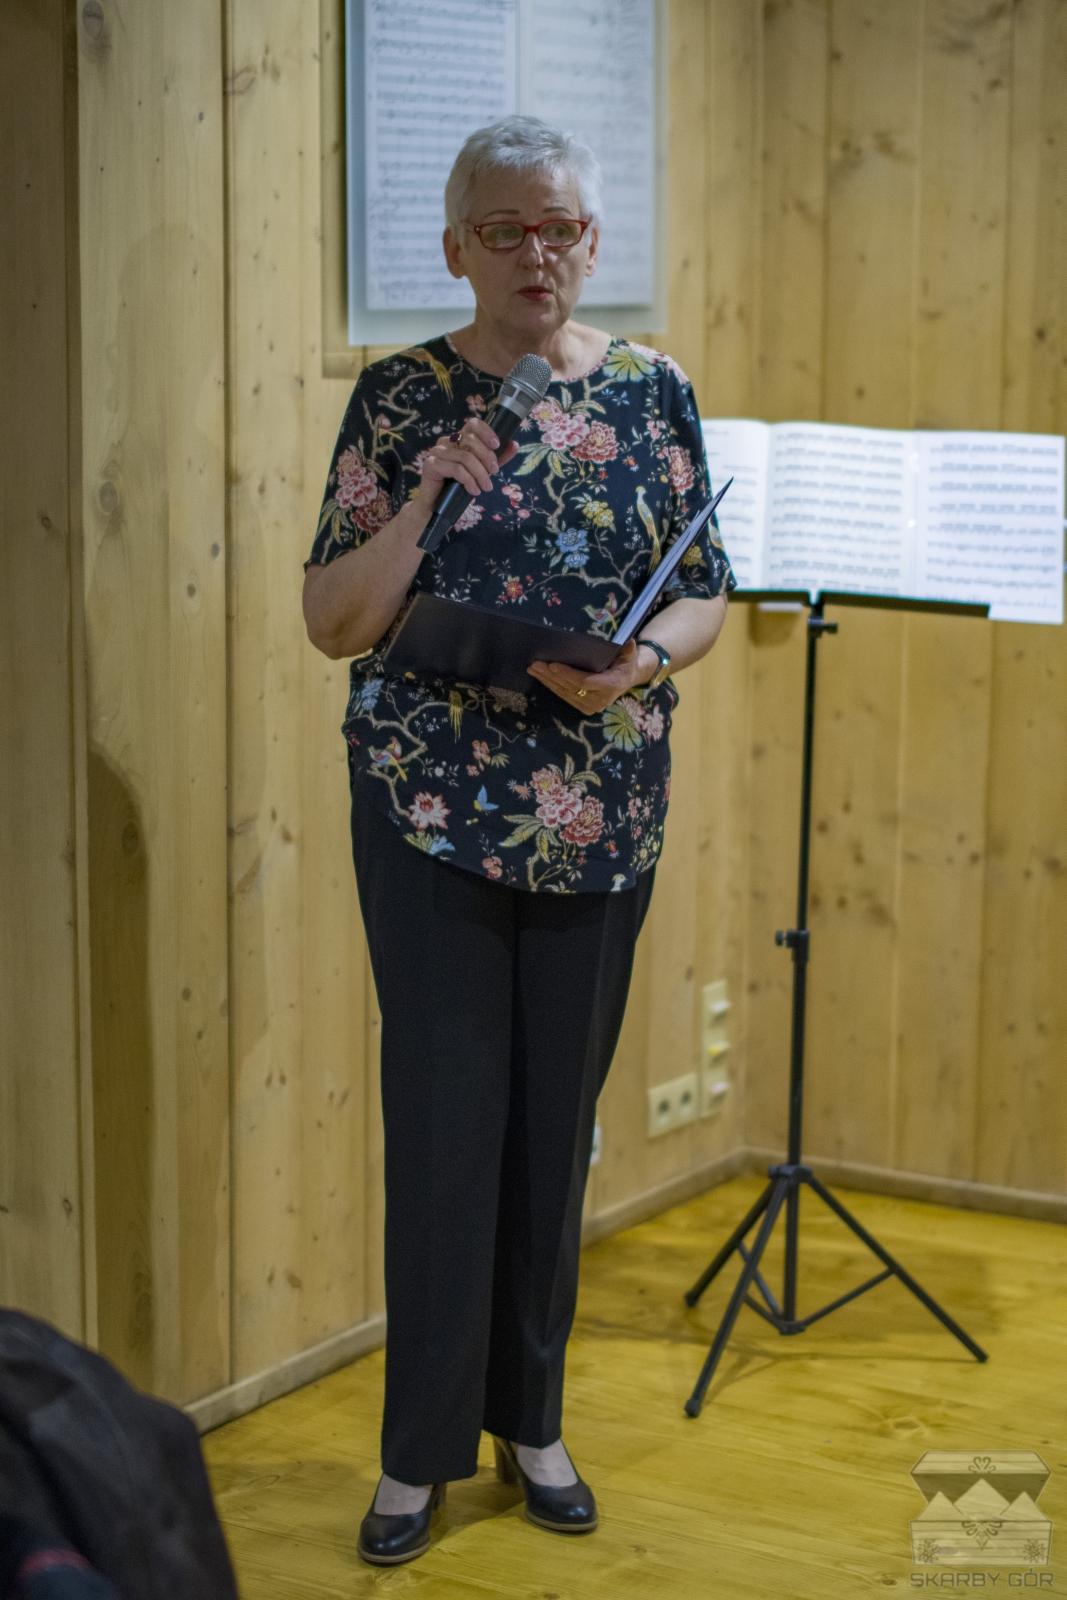 Koncert w 110 rocznicę śmierci Mieczysława Karłowicza Teresa Michalik